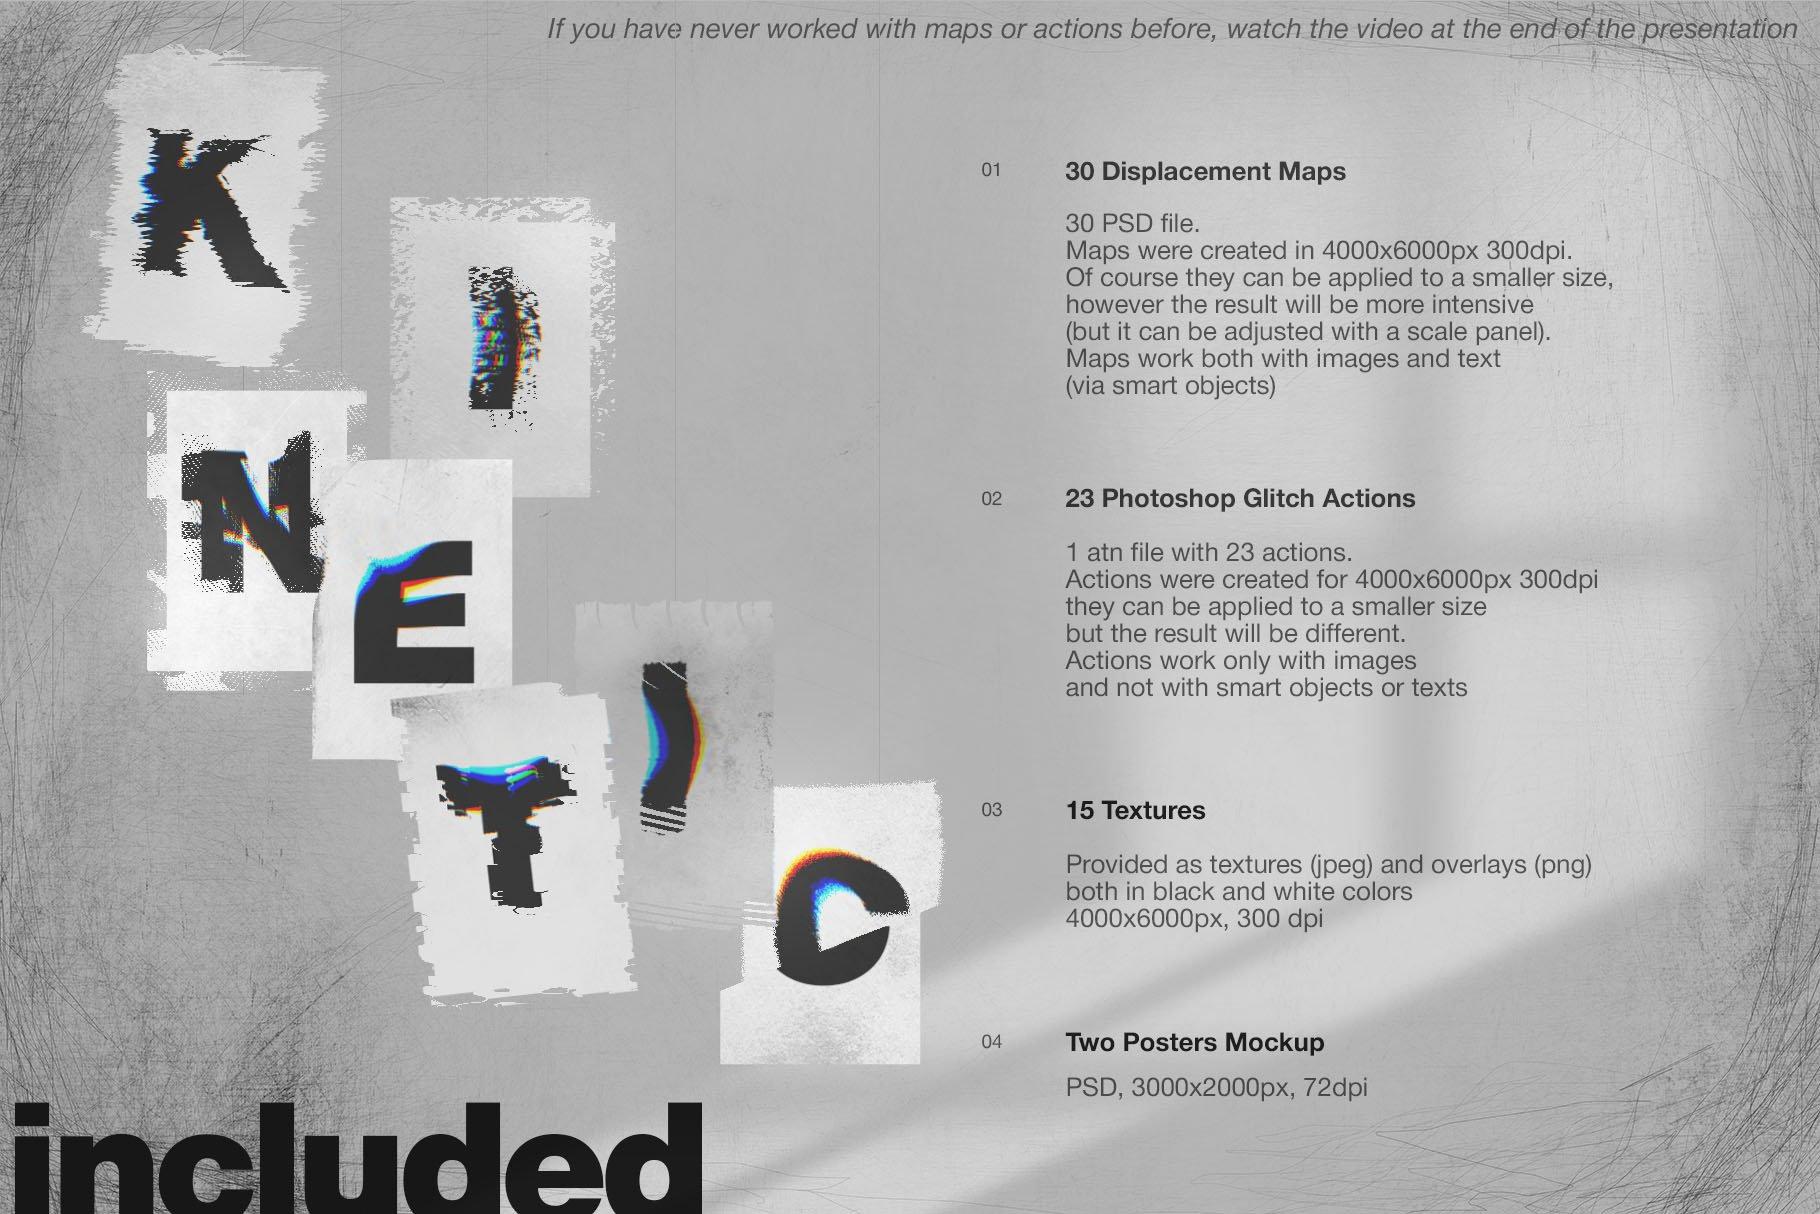 潮流创意抽象故障扭曲置换海报字体特效PS设计素材 Kinetic – Displacement Maps插图1